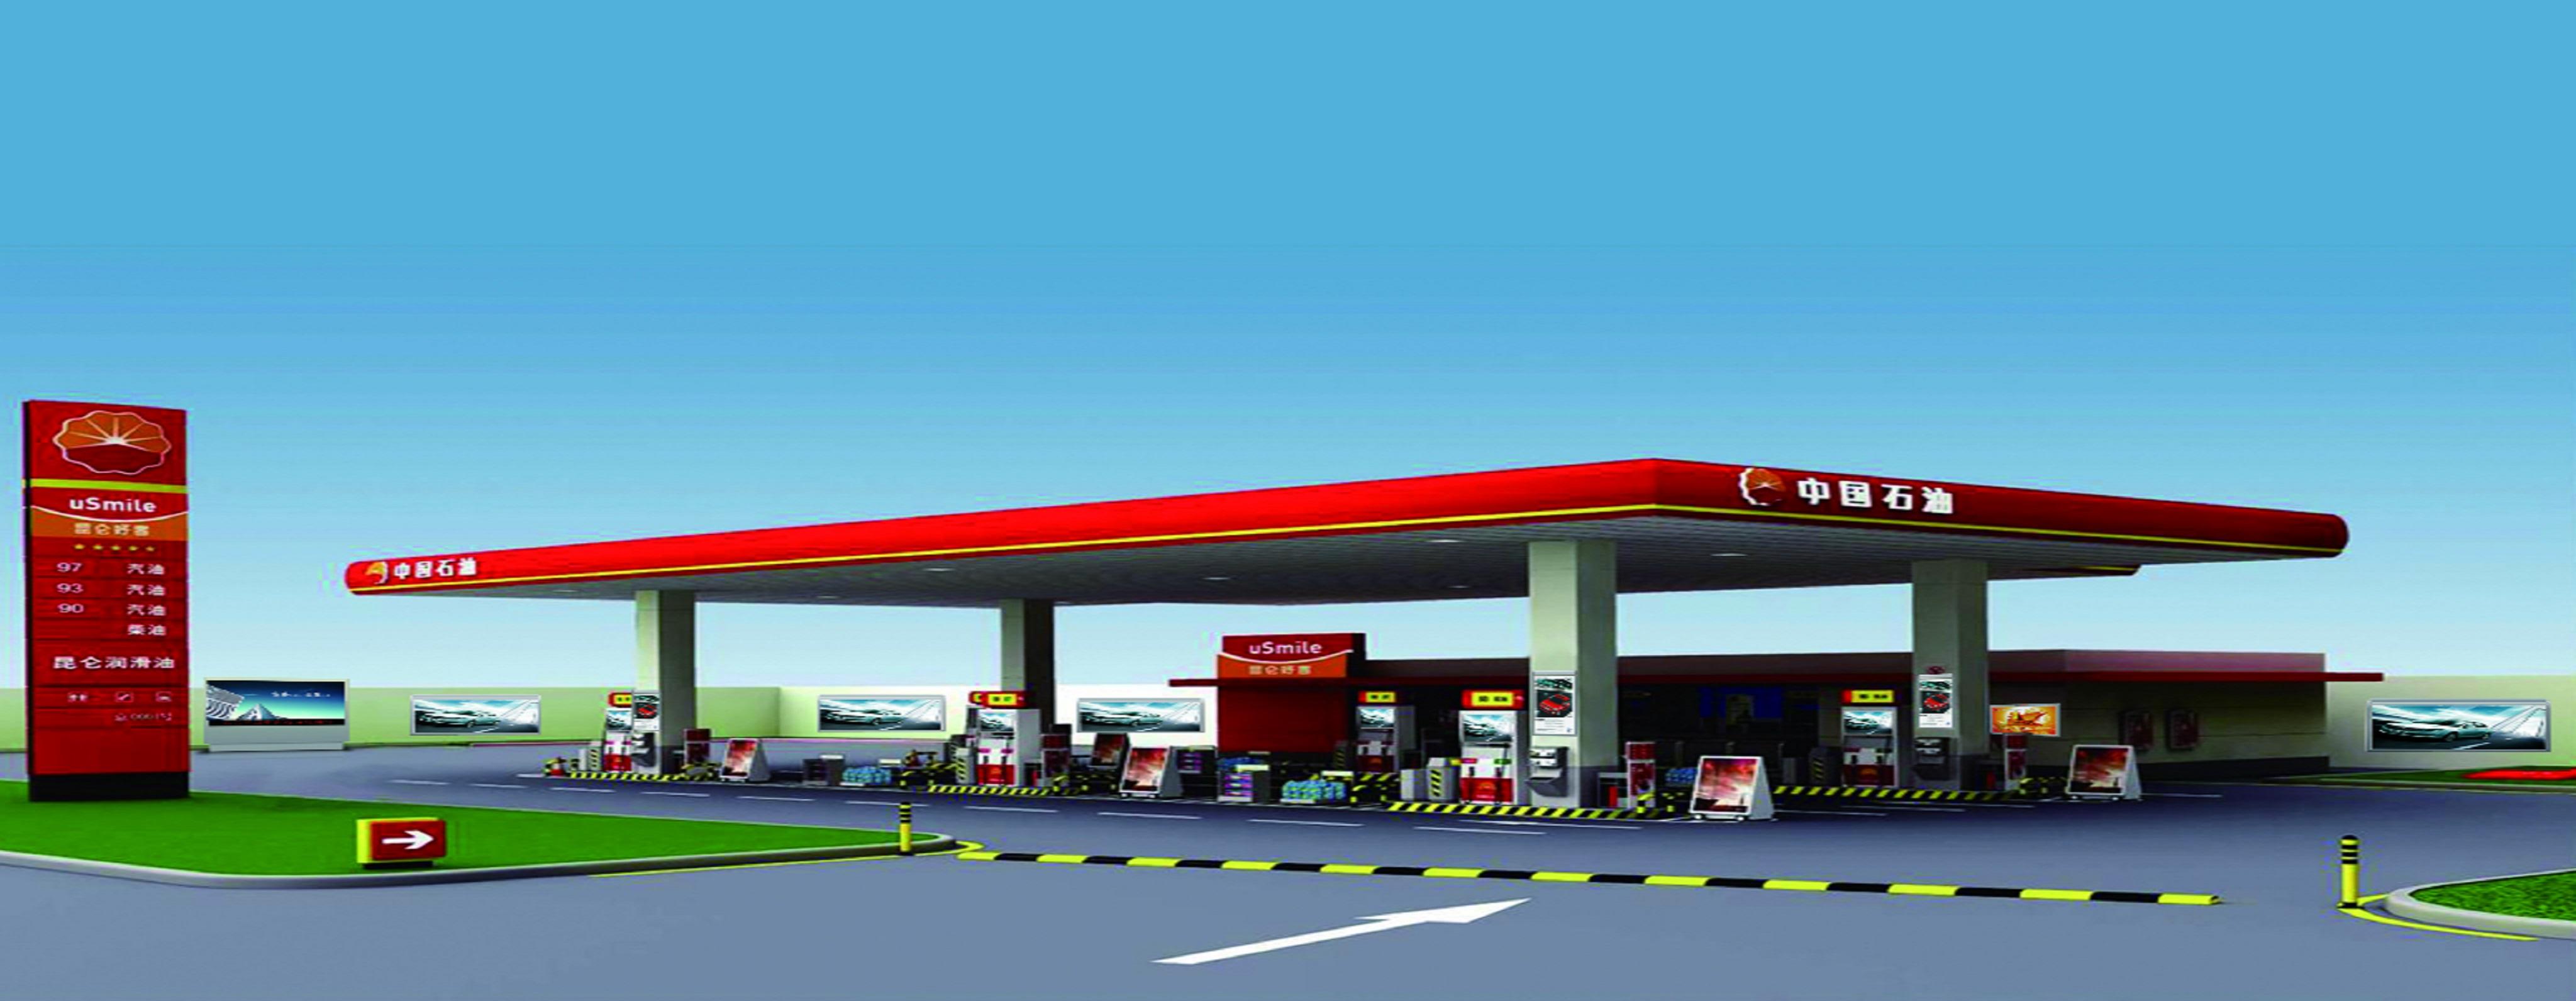 国内成品油价格按机制?#31995;?国内汽、柴油价格每吨分别提高150元和140元